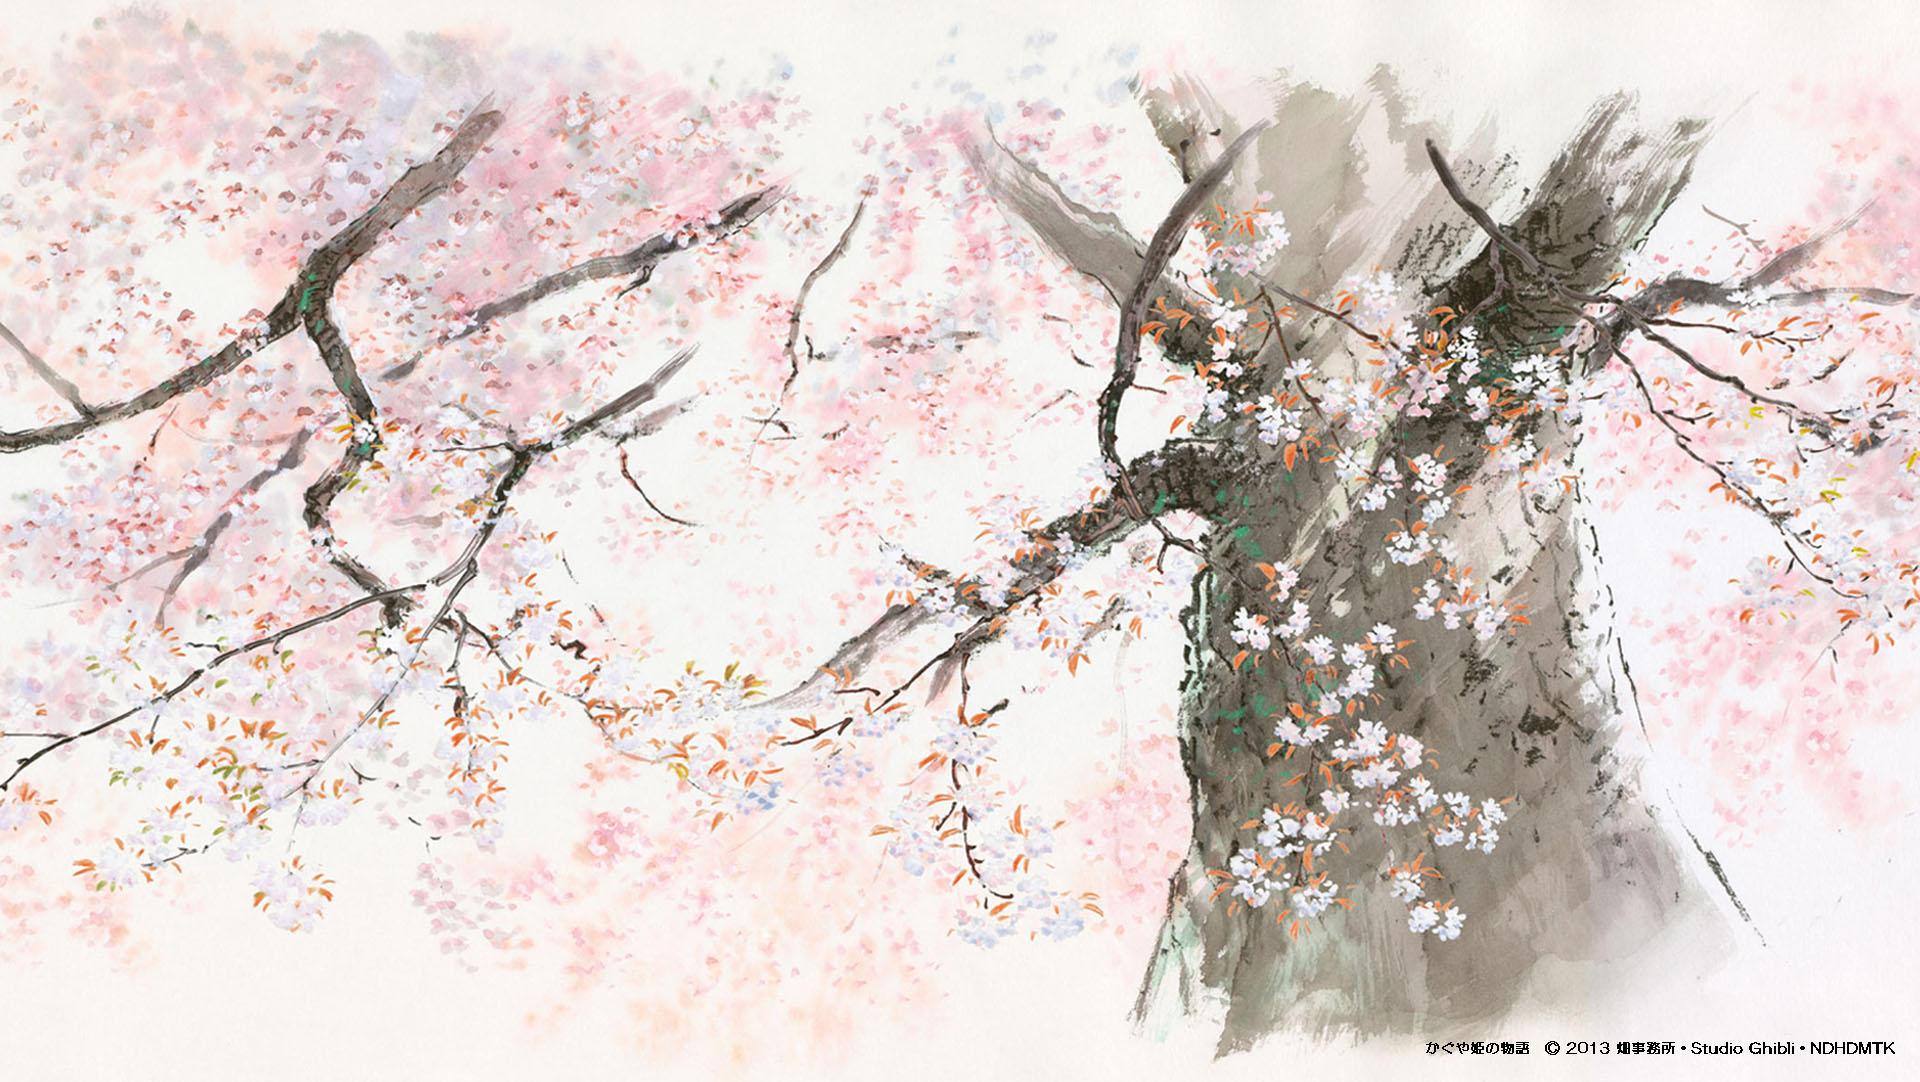 El cuento de la princesa Kaguya (Kaguya-hime no Monogatari, 2013). Estudios Ghibli.